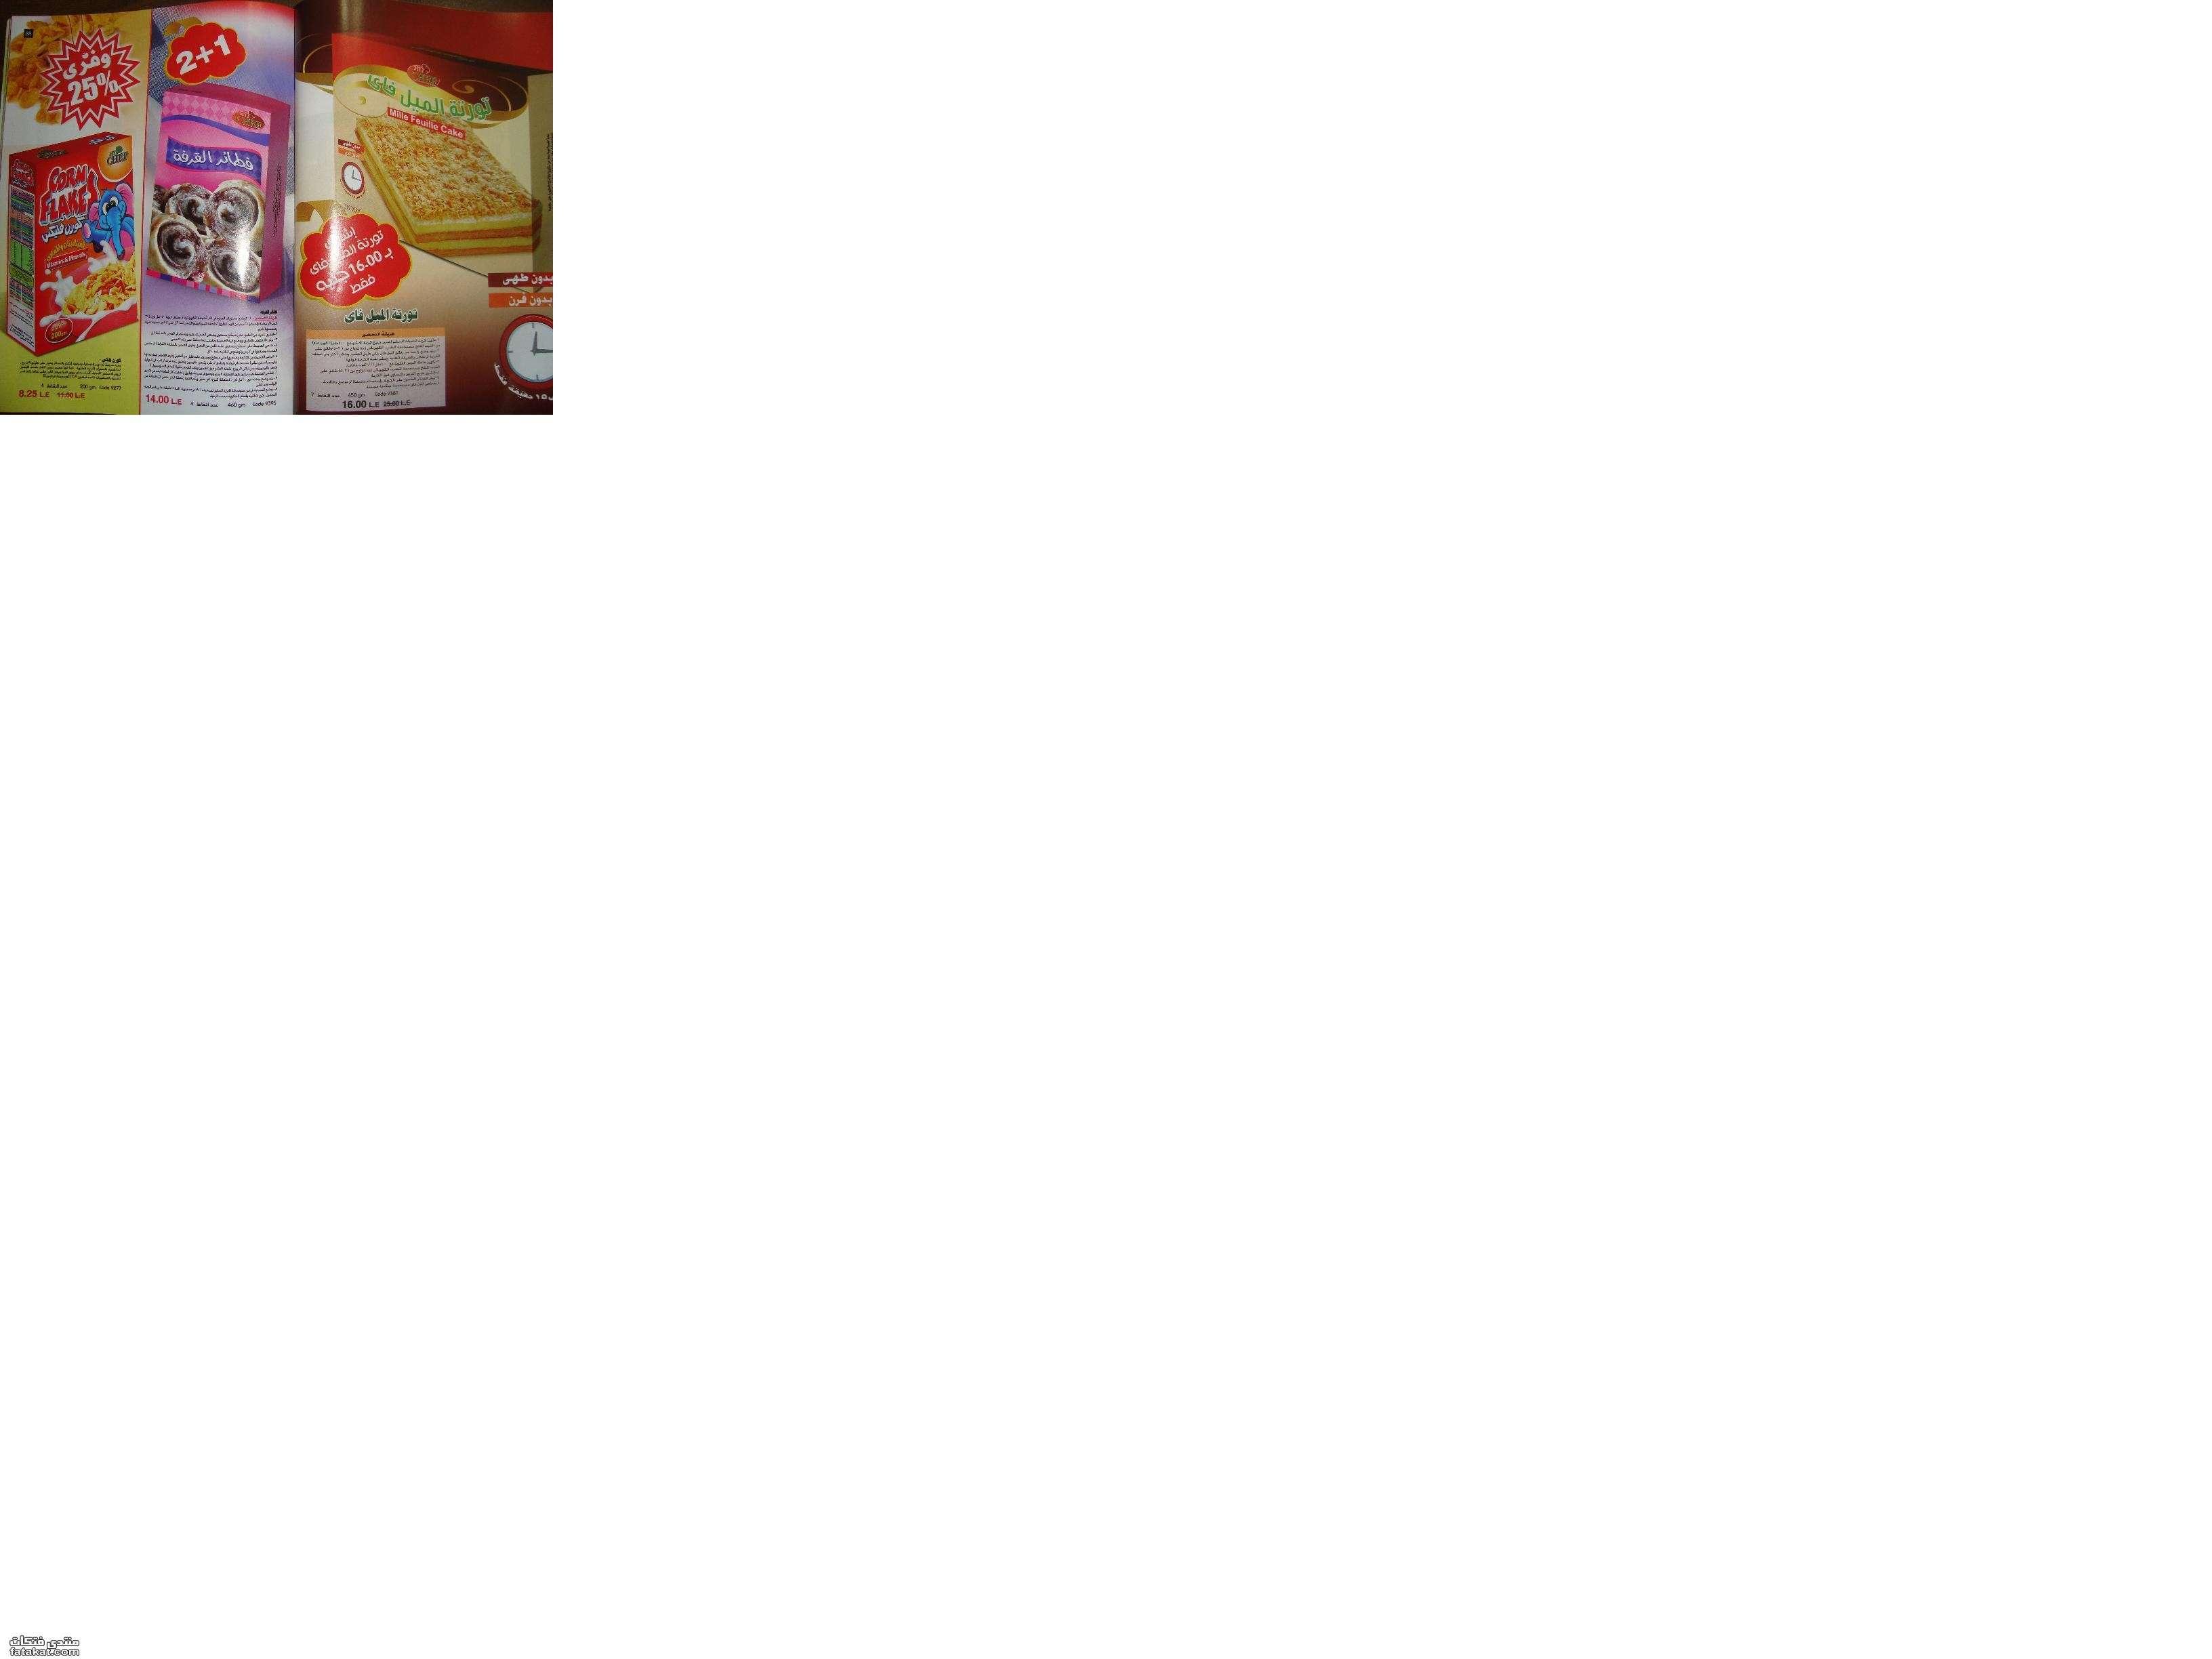 كتالوج ماي واي يناير 2010 و باسعار اقل من الكتالوج 1262603578